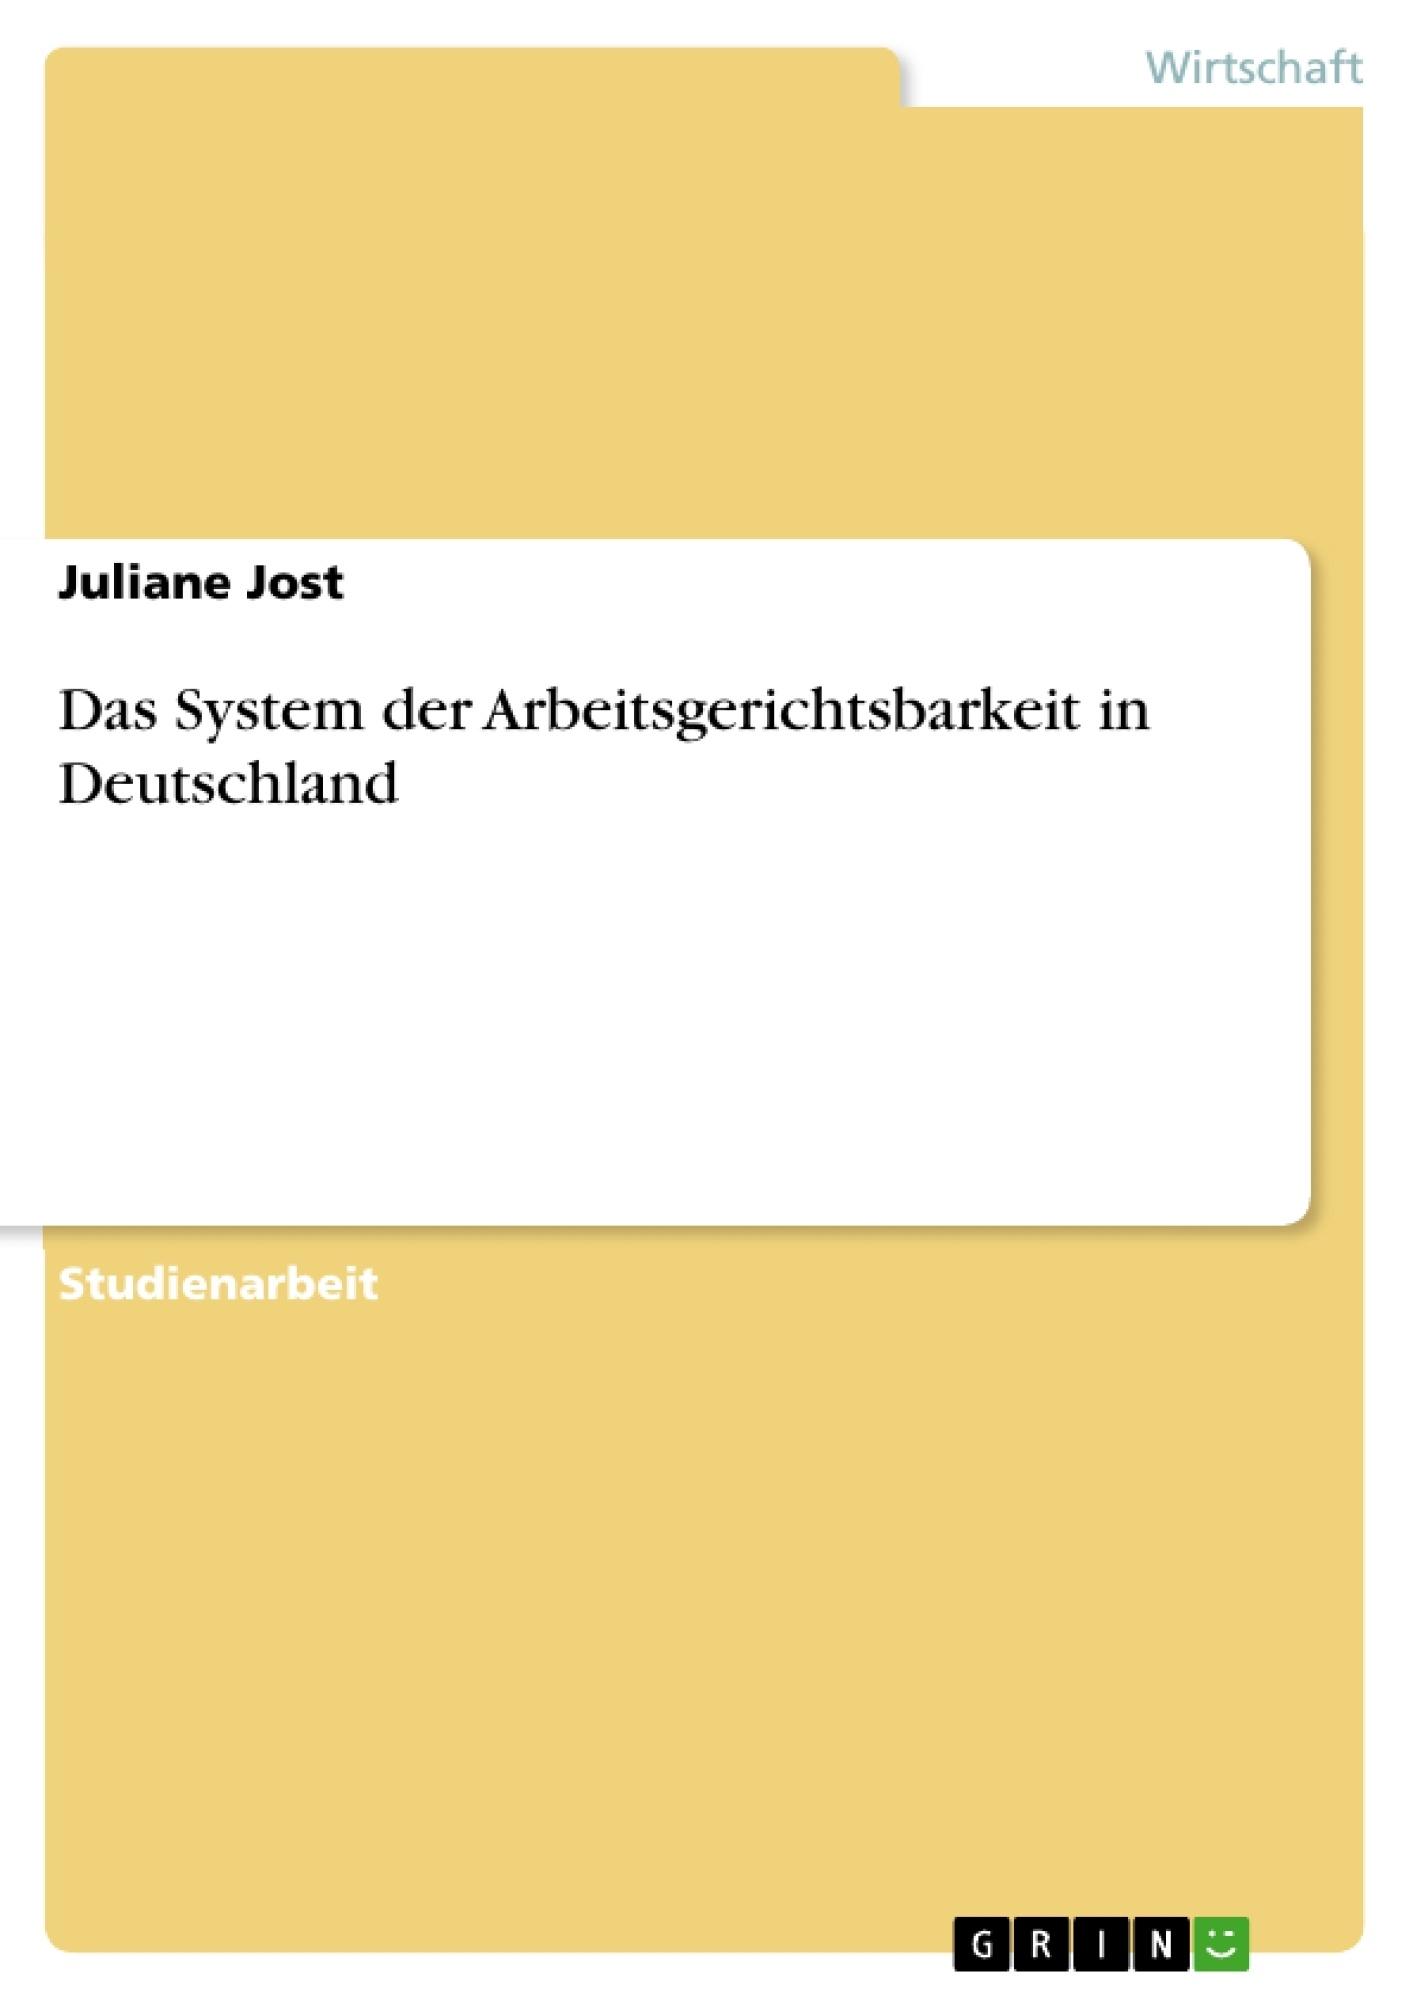 Das System der Arbeitsgerichtsbarkeit in Deutschland (German Edition)